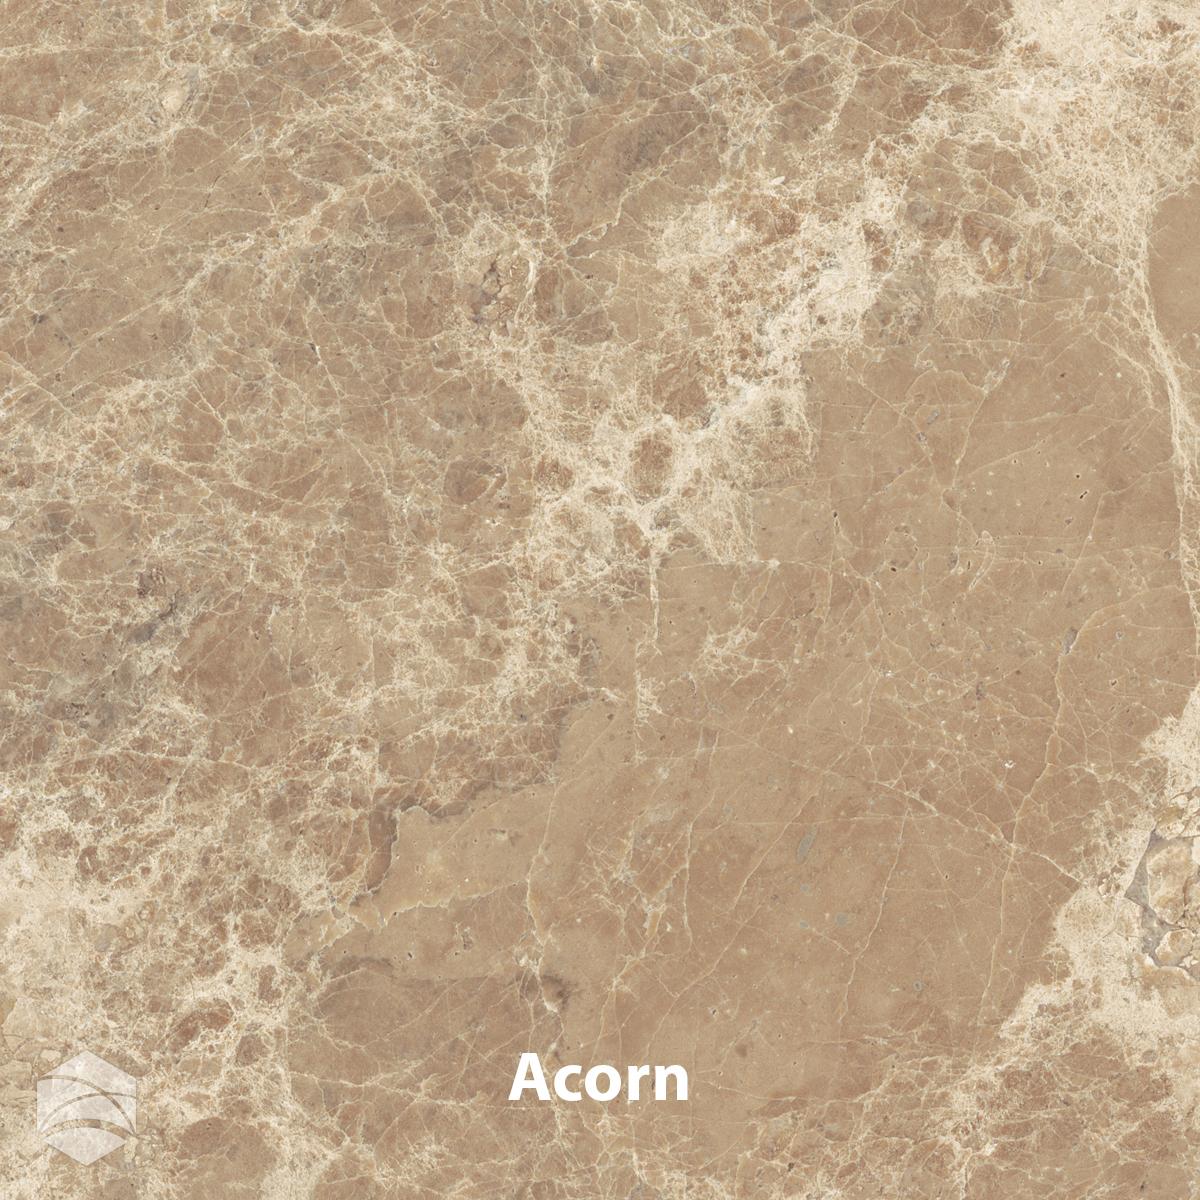 Acorn_V2_12x12.jpg